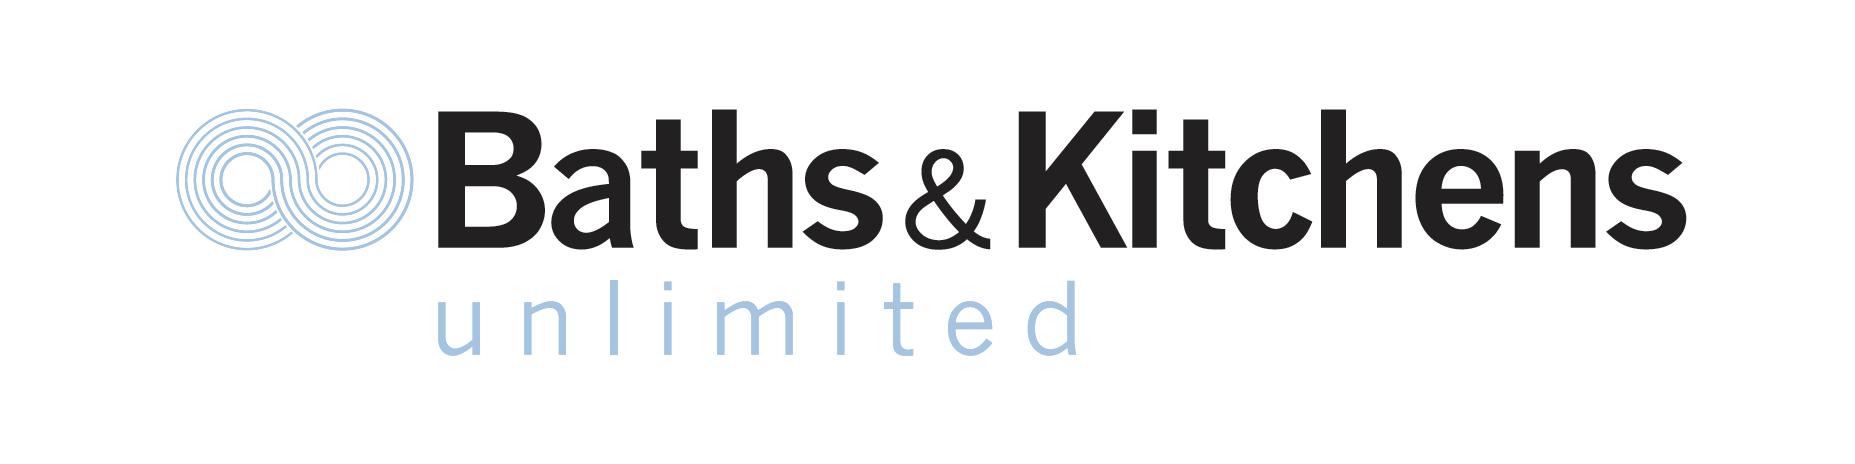 Baths & Kitchens Unlimited Moncton